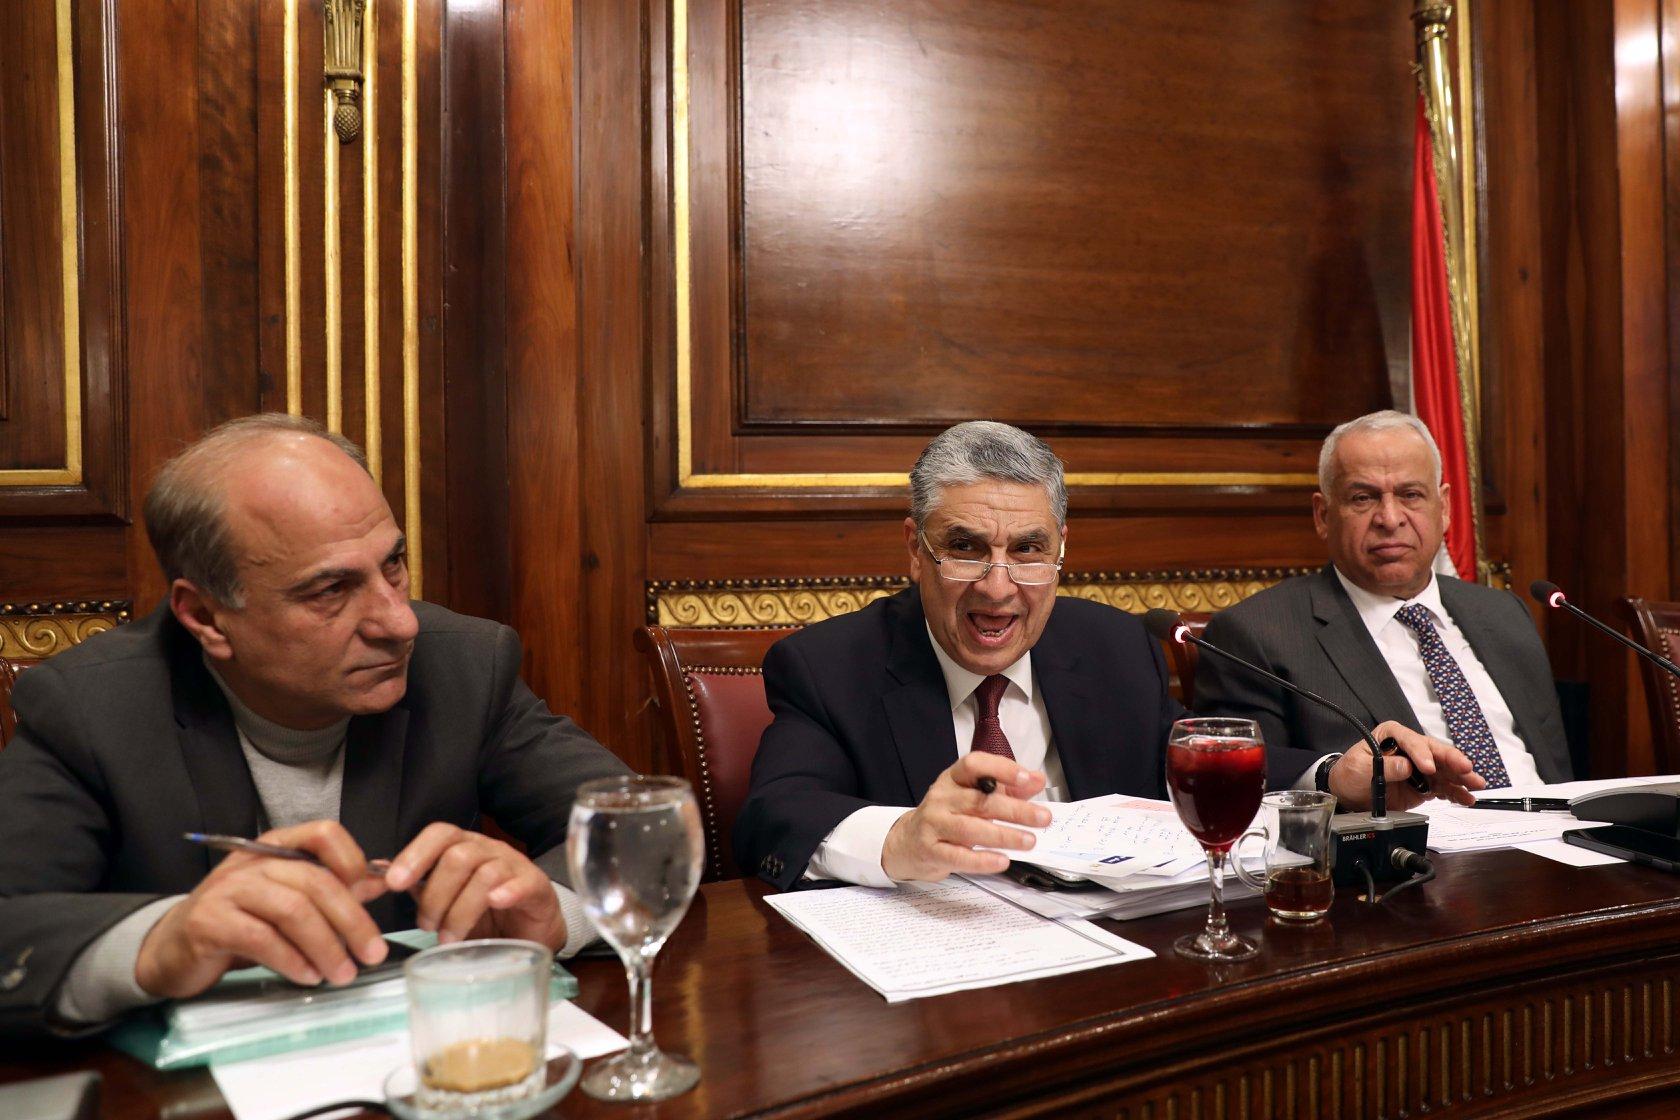 وزير الكهرباء يستبعد خفض الأسعار للمصانع حاليا - جريدة المال